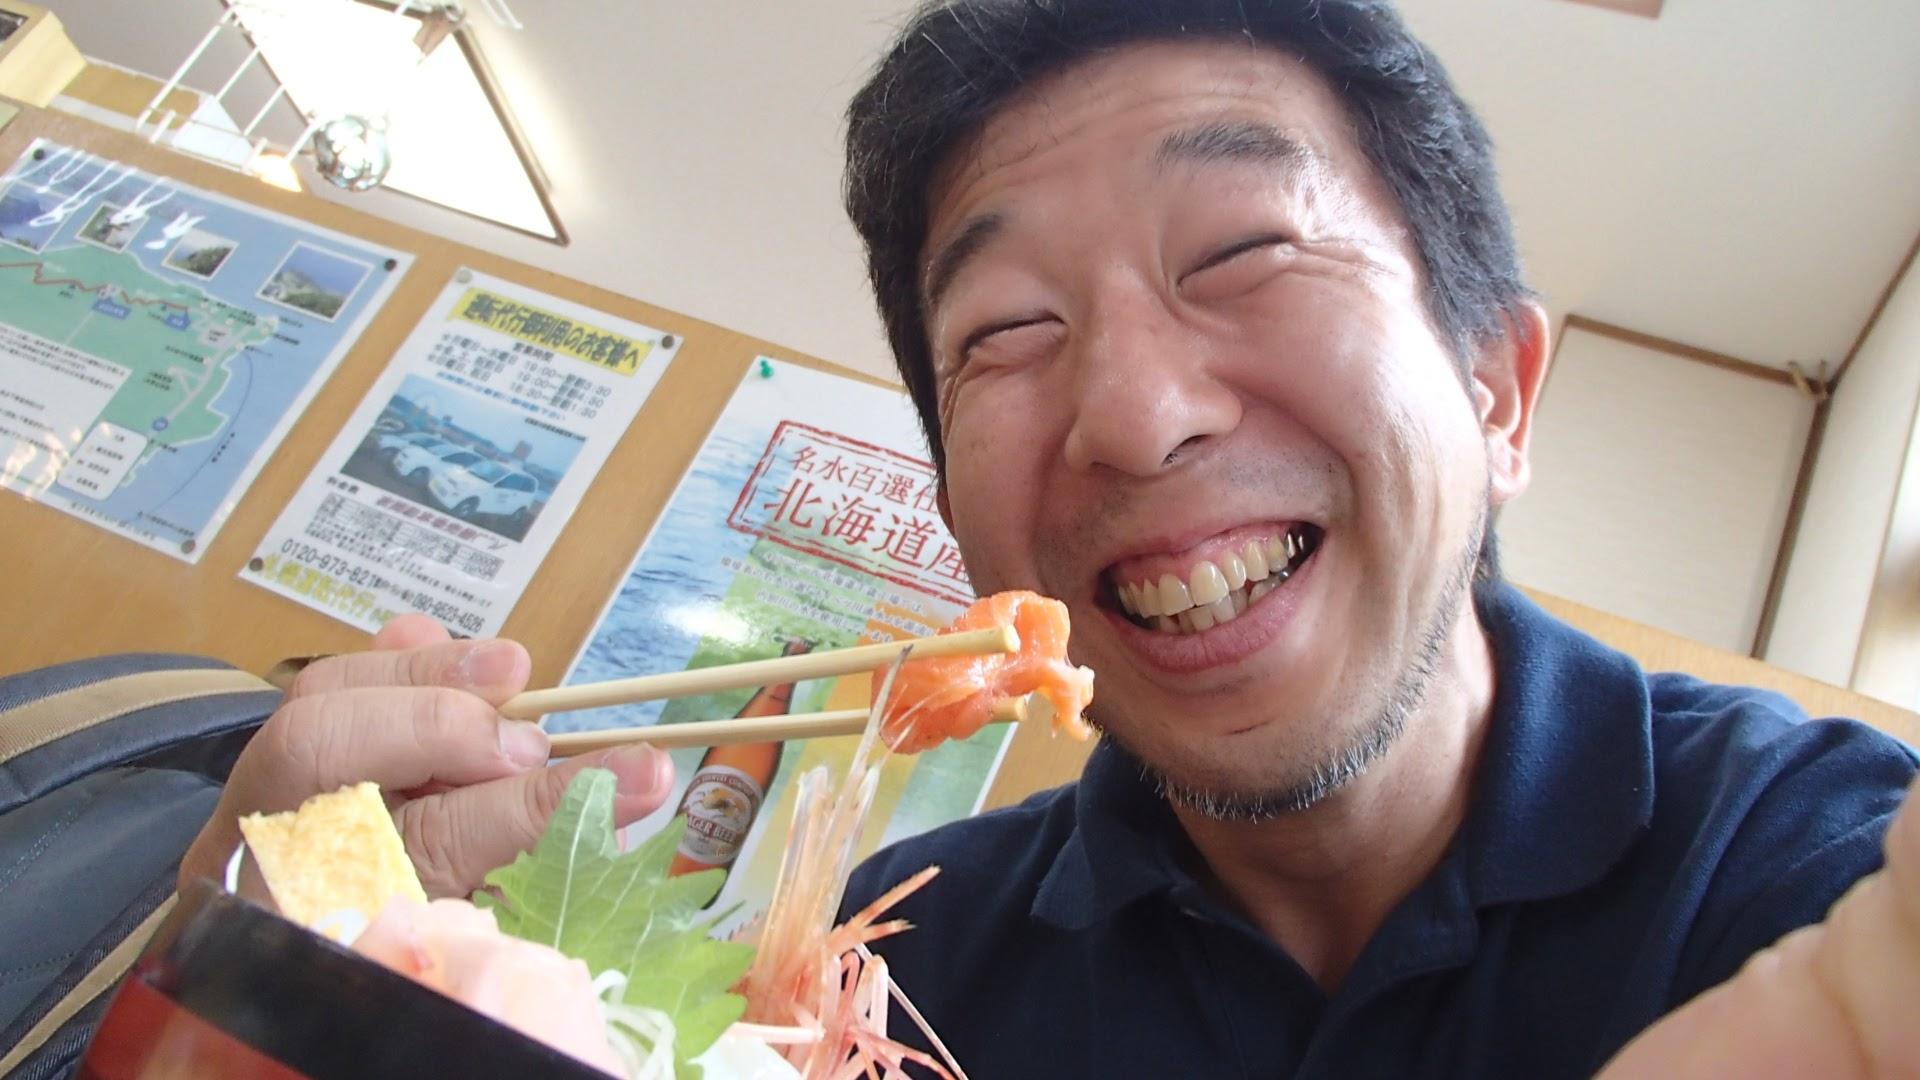 海鮮丼を食べて満足顔